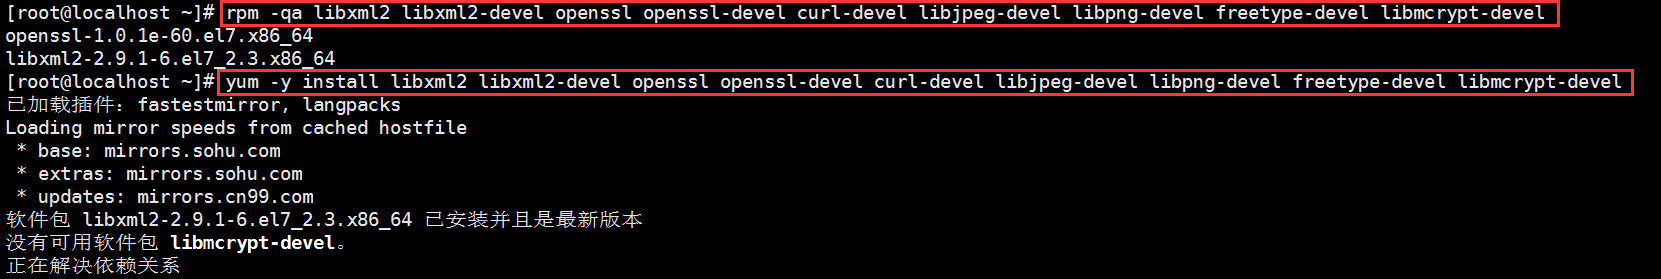 编译安装 php7 之前需要安装对应的编译工具和依赖包,运行如下命令